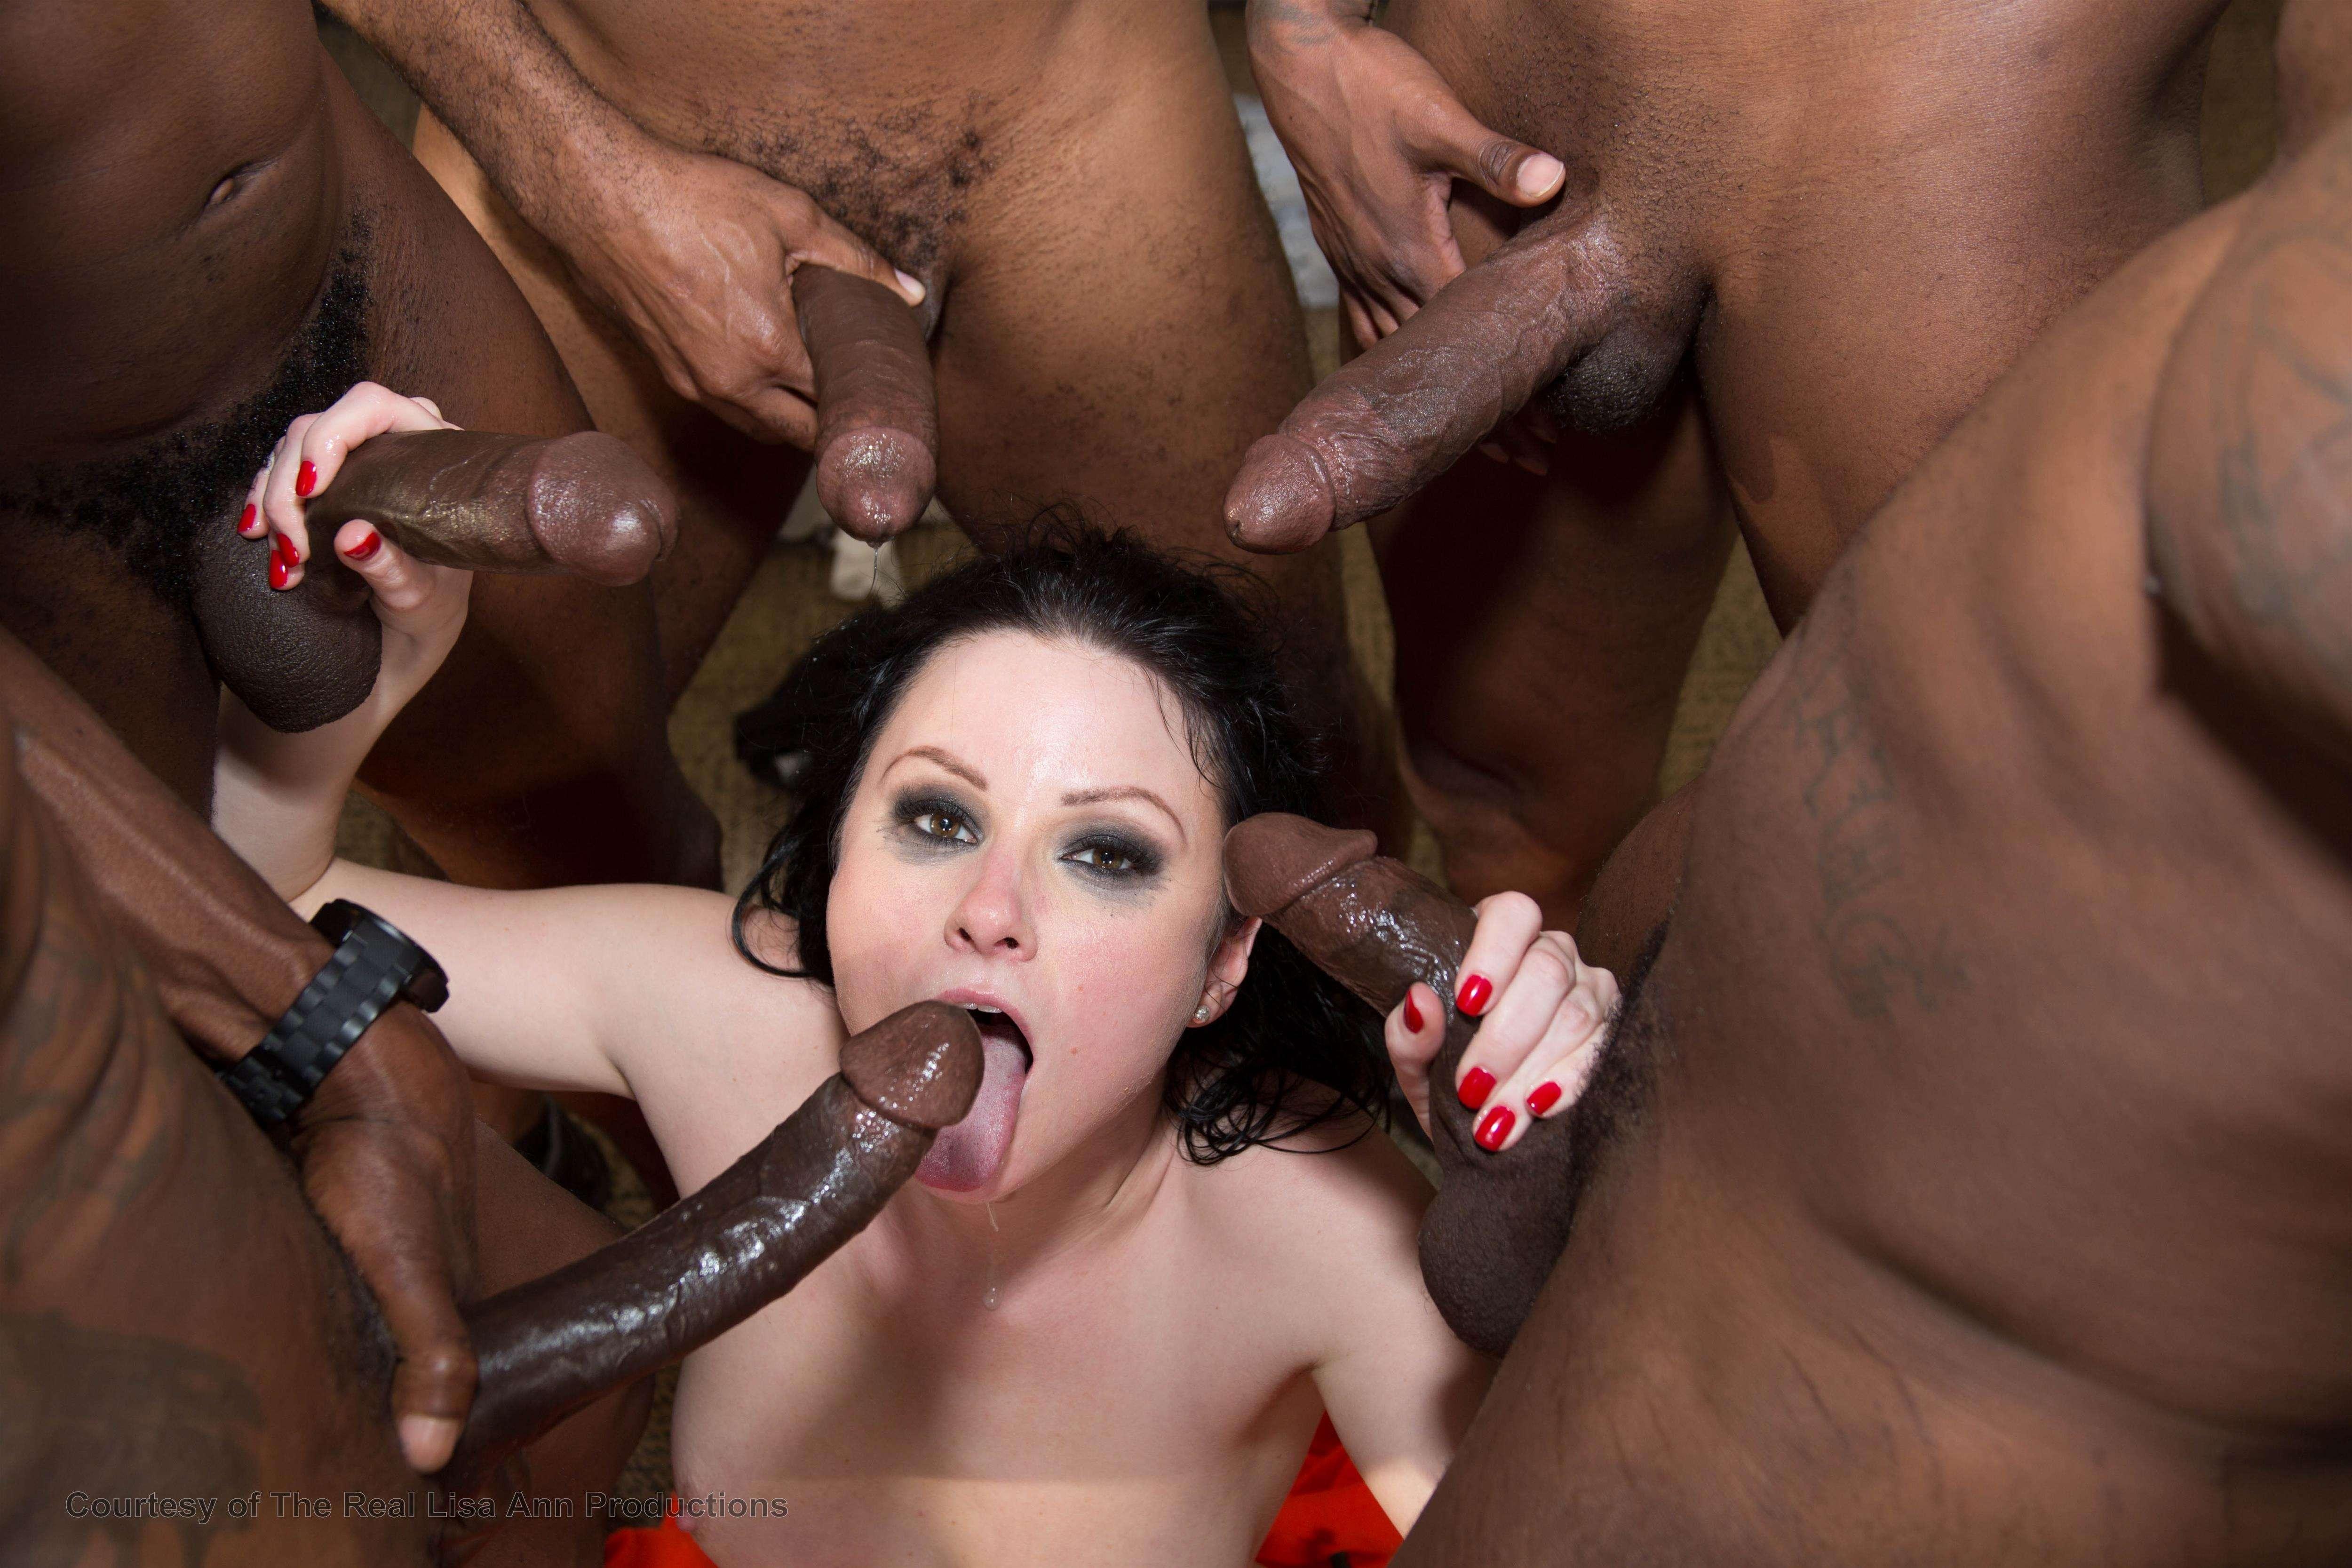 Смотреть жесткое порно с неграми с огромными членами трахнул зрелую